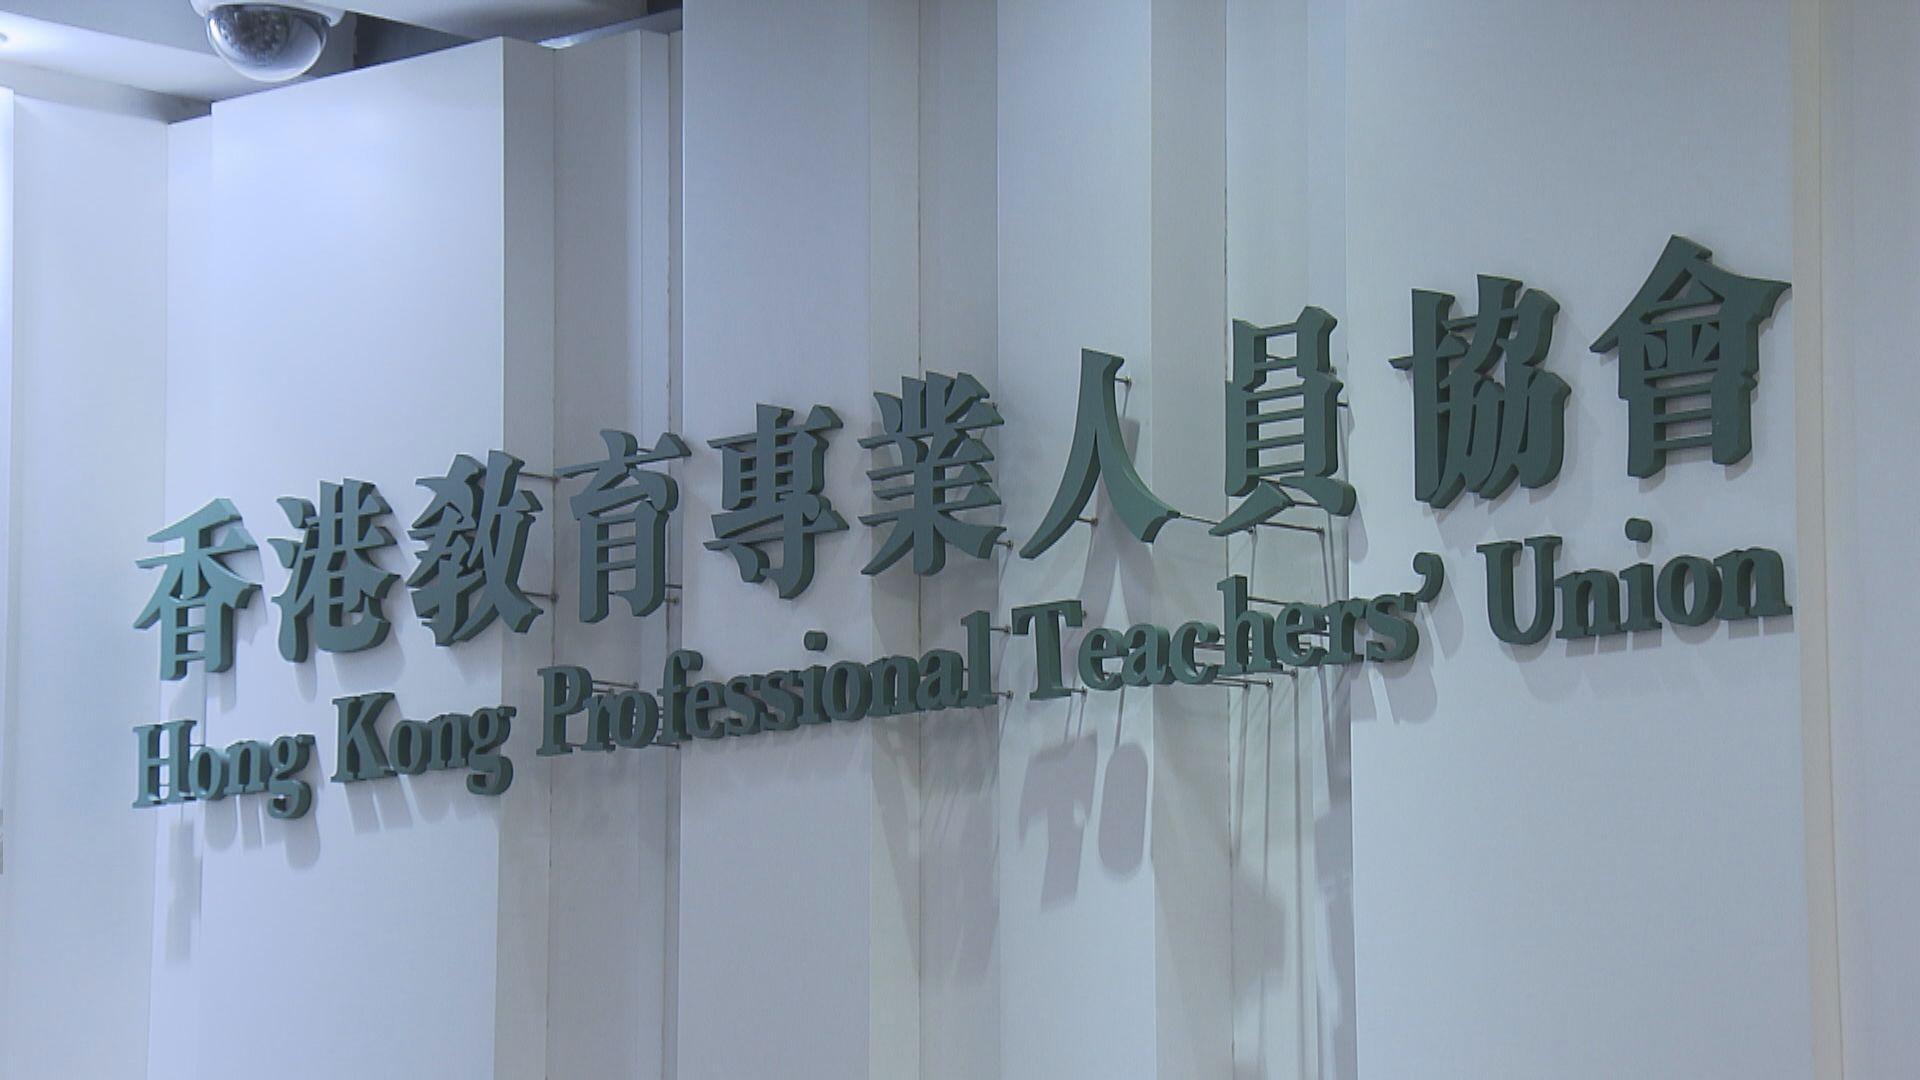 教協向校長教師發信 反對外界對校園滋擾